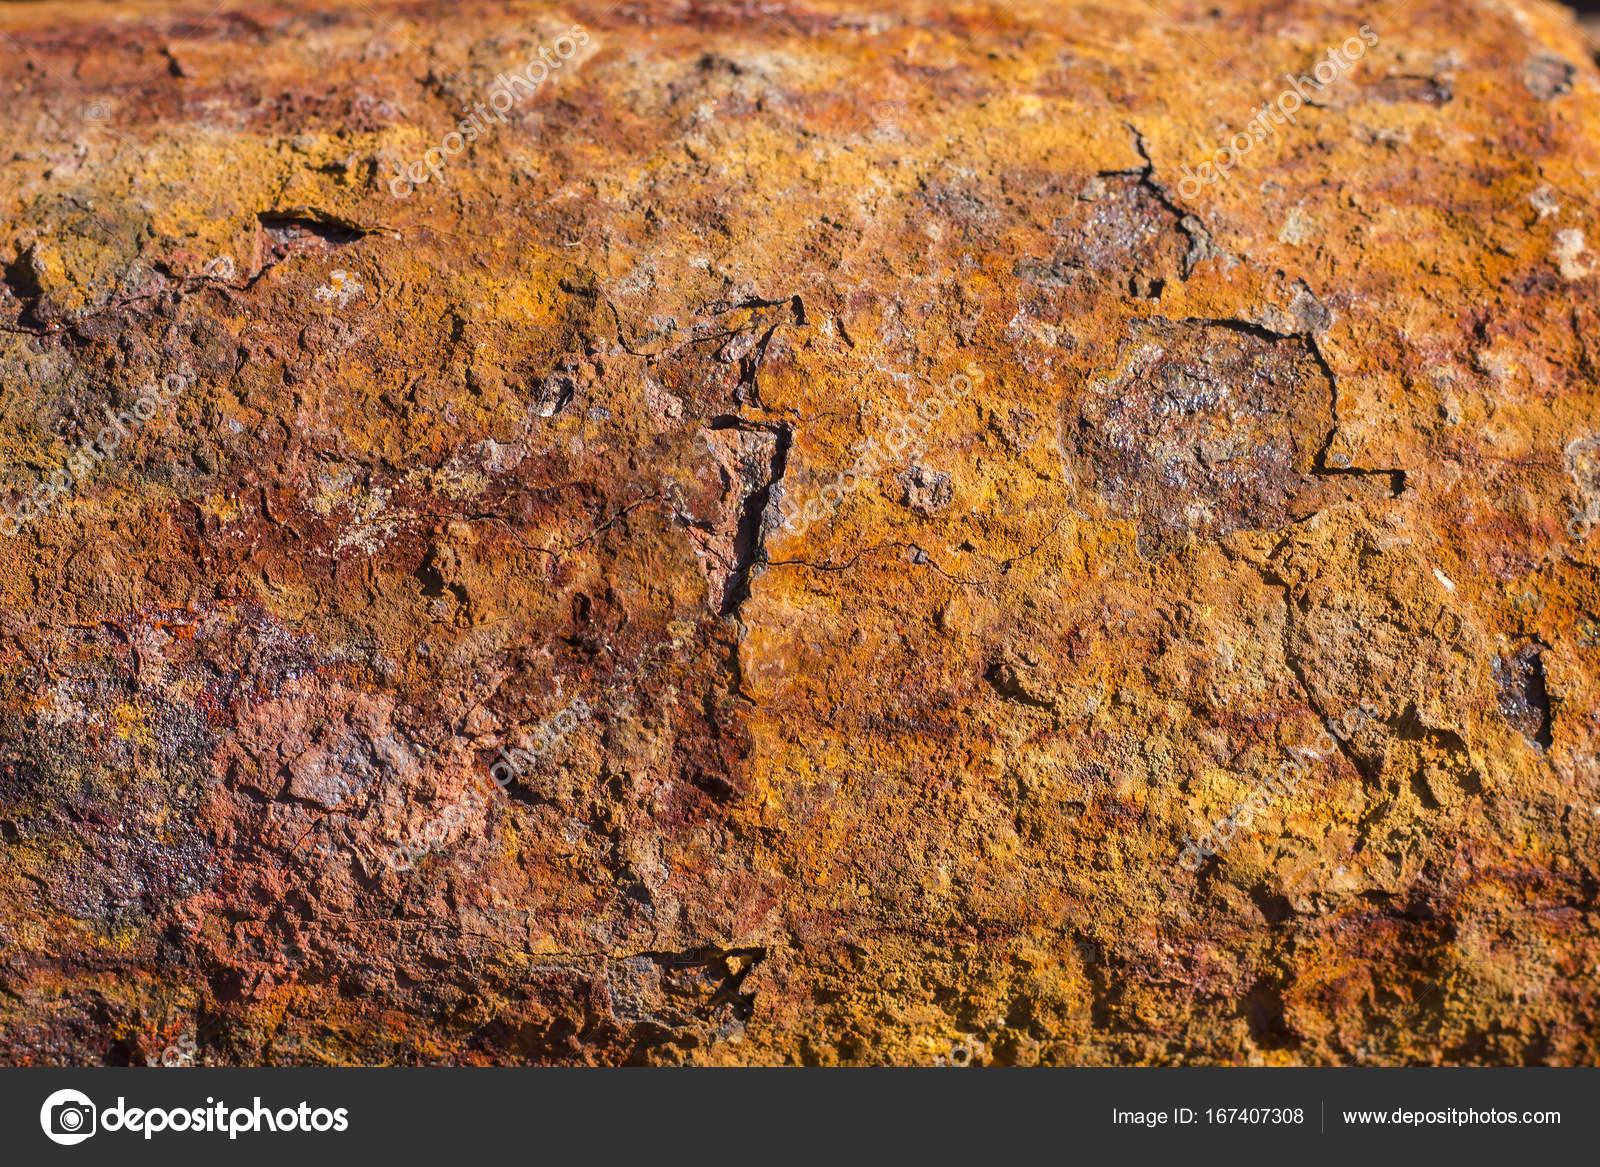 Die Erde, in der wir leben und der Raum, der die Welt ist - Seite 55 Depositphotos_167407308-stock-photo-dark-worn-rusty-background-rough